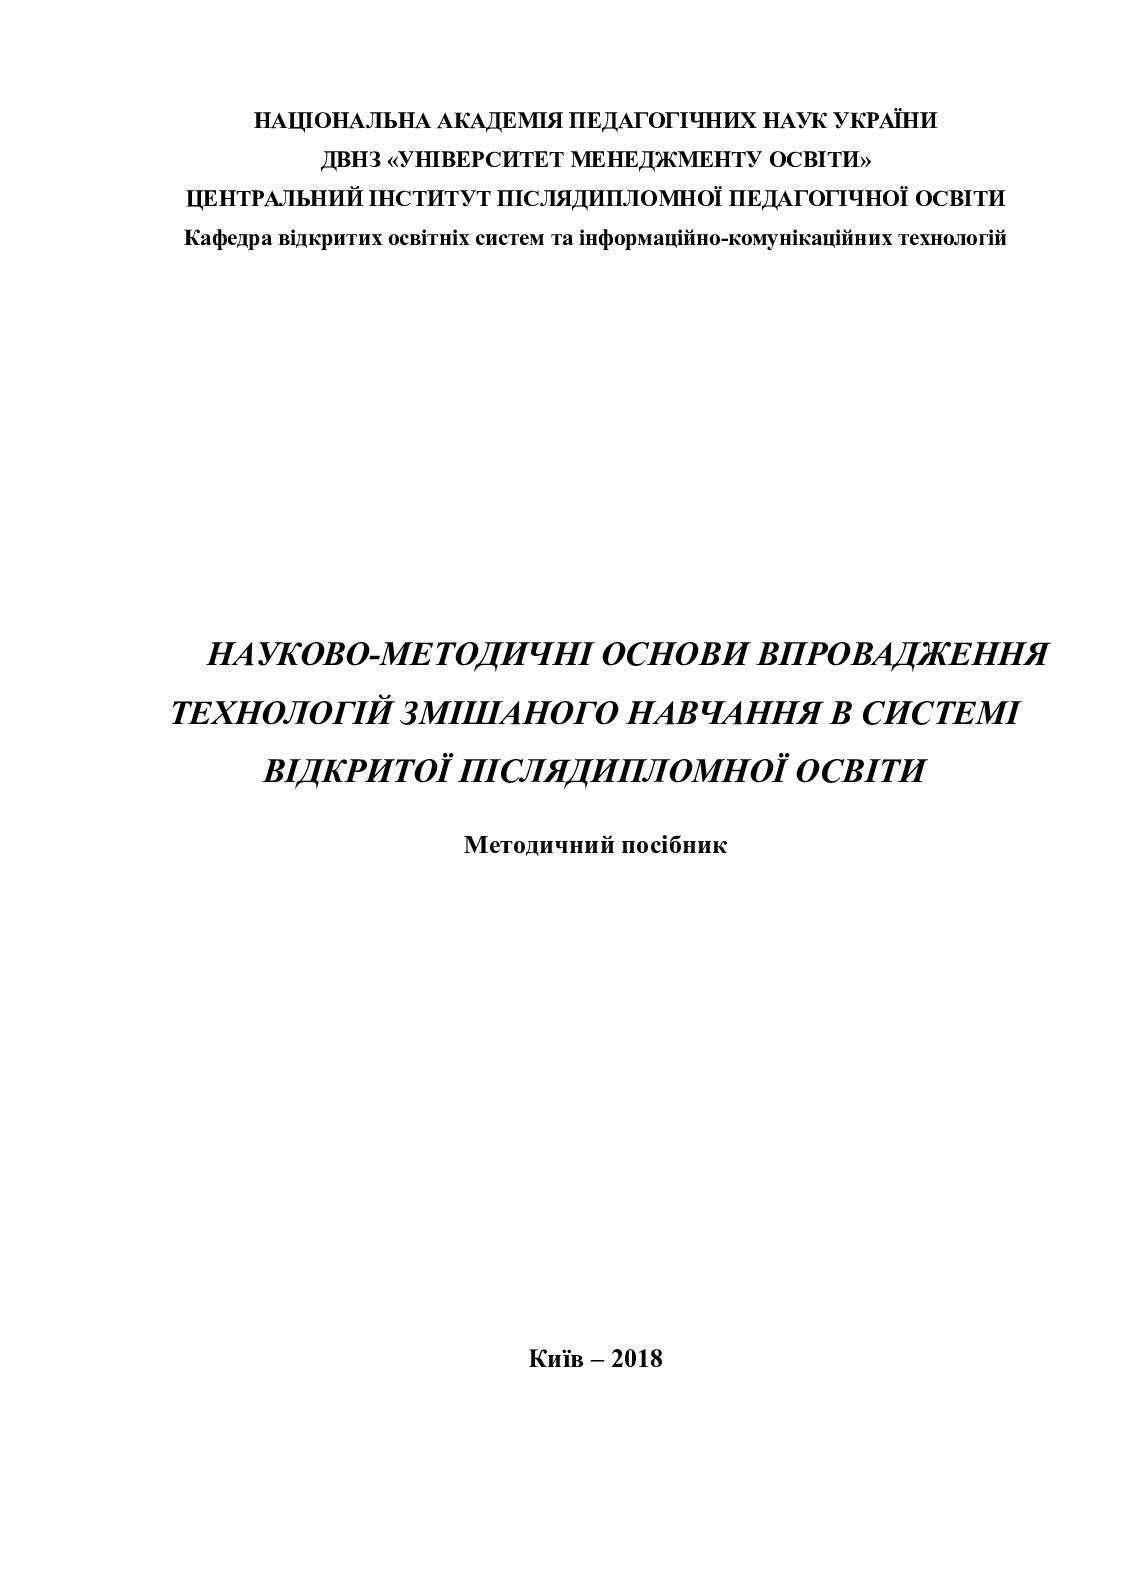 Calaméo - НАУКОВО-МЕТОДИЧНІ ОСНОВИ ВПРОВАДЖЕННЯ ТЕХНОЛОГІЙ ЗМІШАНОГО  НАВЧАННЯ В СИСТЕМІ ВІДКРИТОЇ ПІСЛЯДИПЛОМНОЇ ОСВІТИ 4b622a91bd185